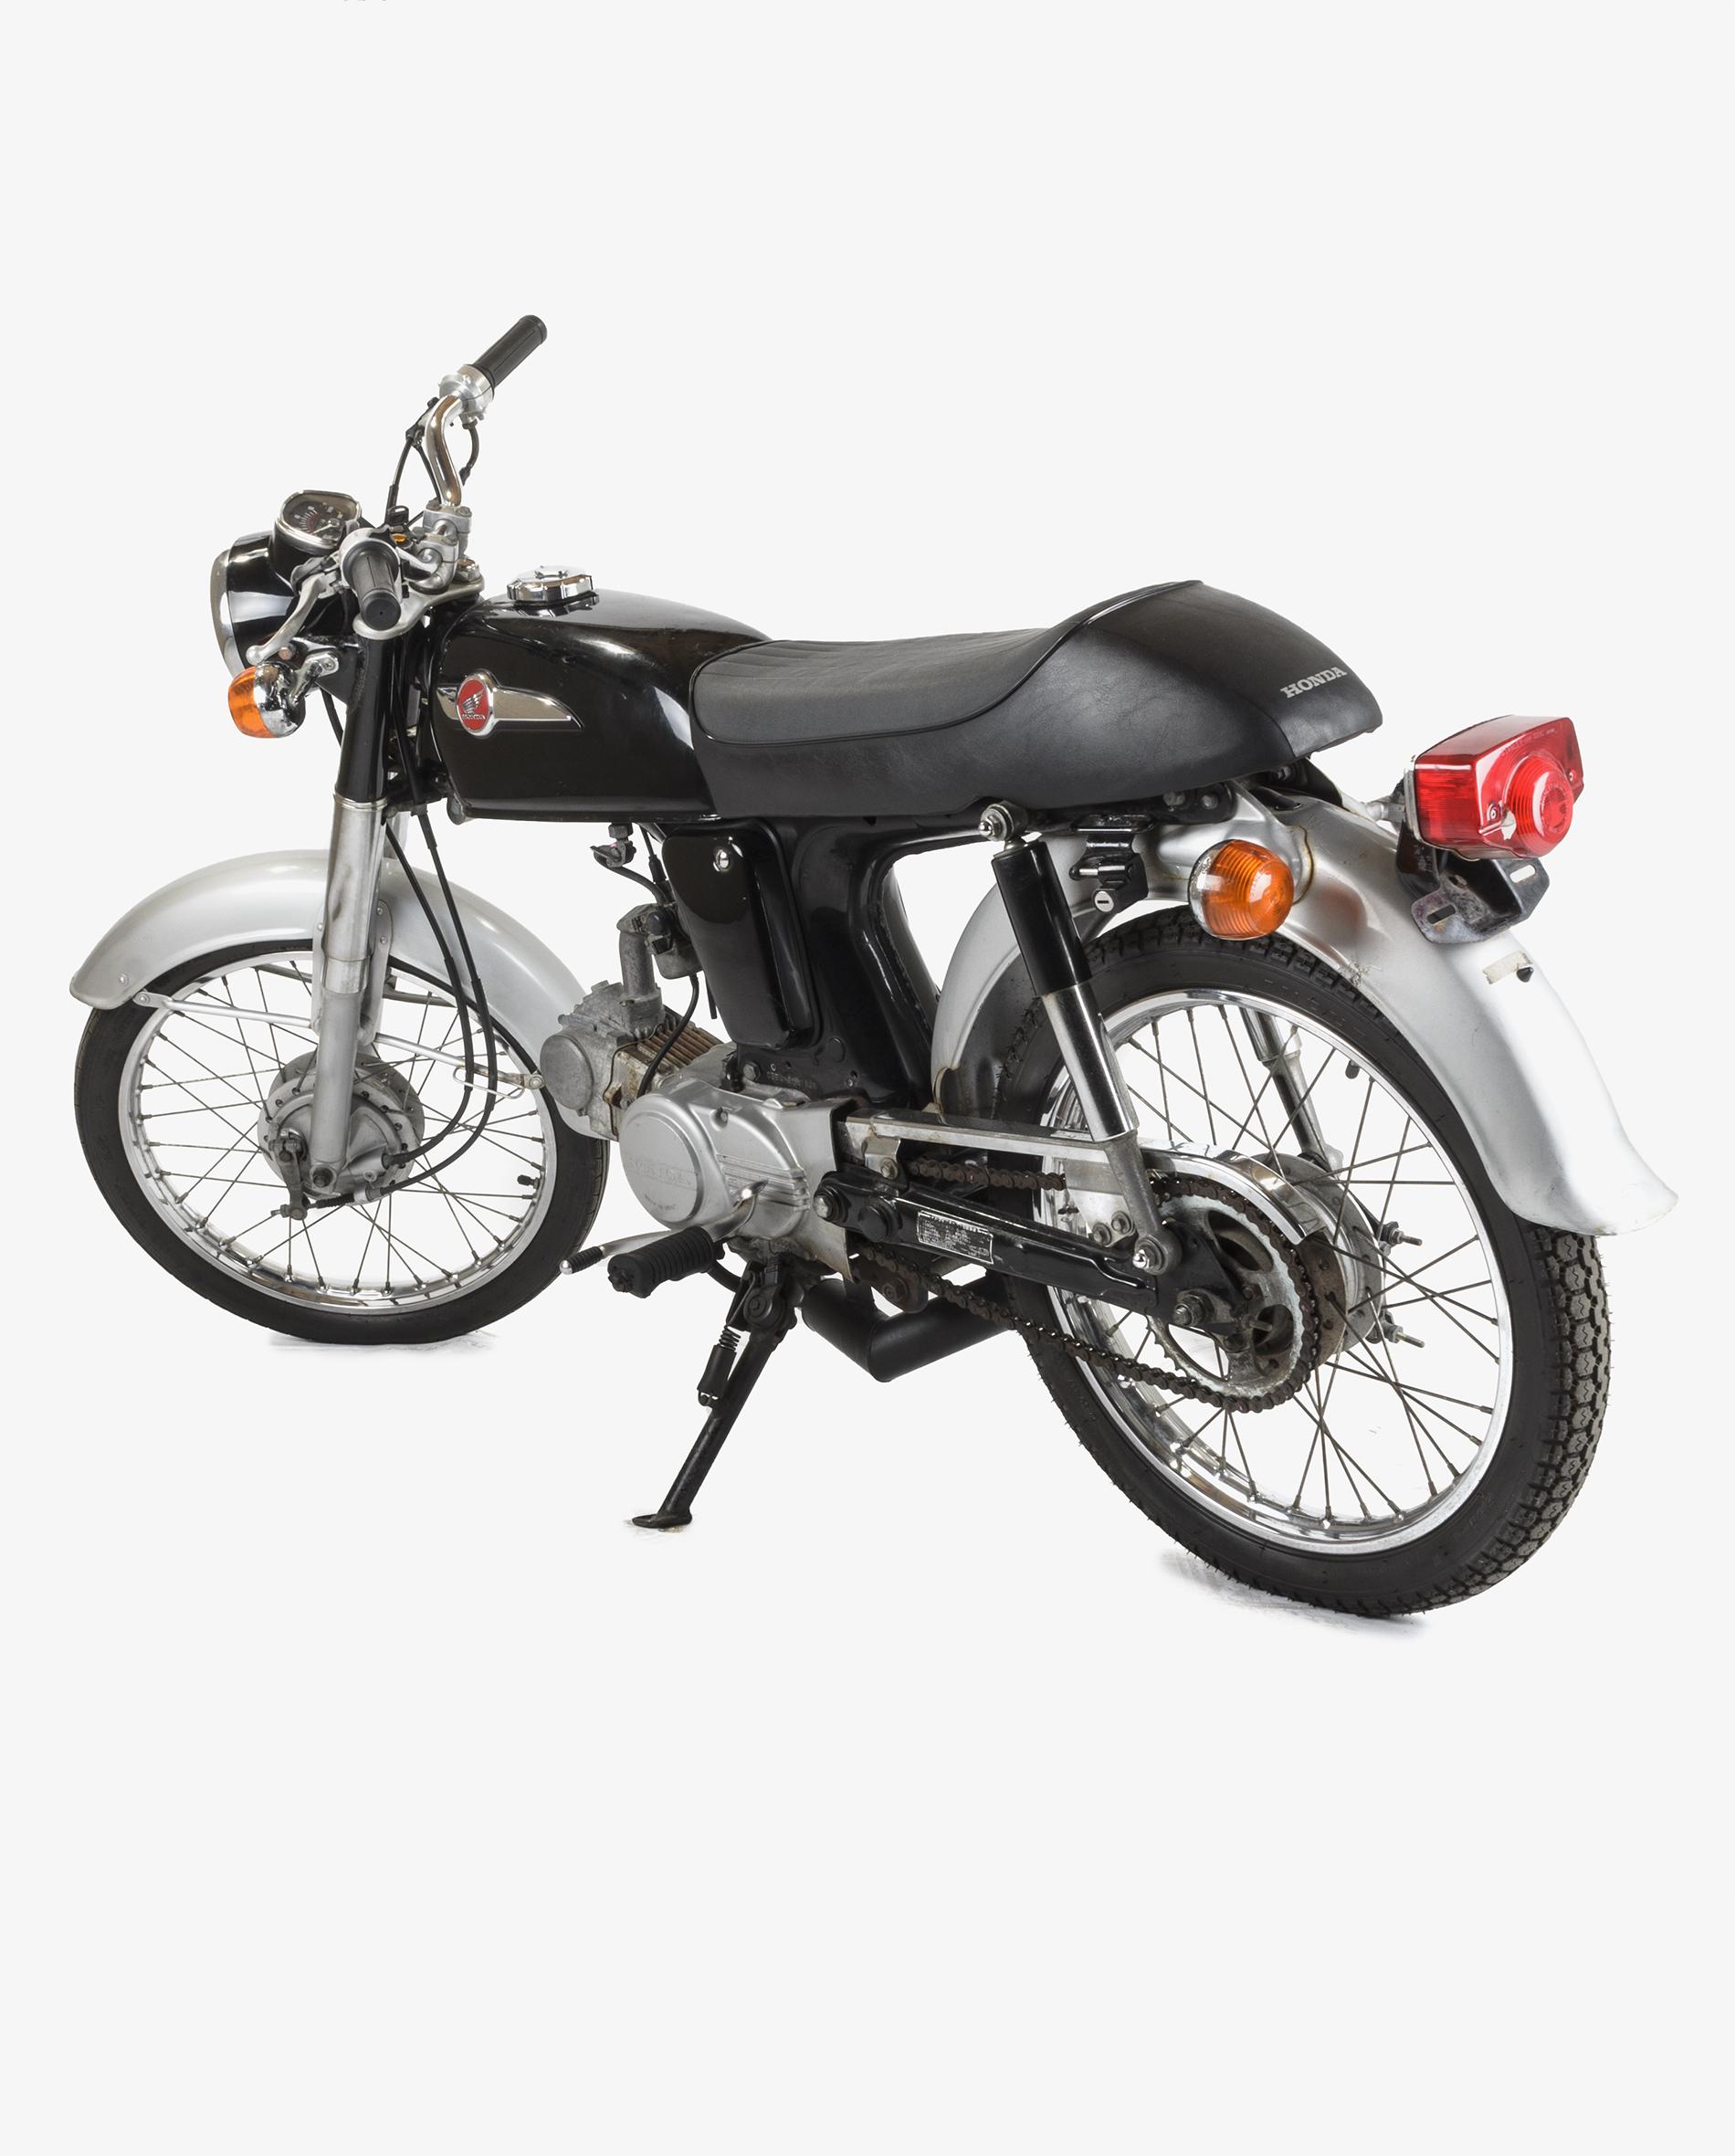 Honda CD50 Benly For Sale · Fourstrokebarn